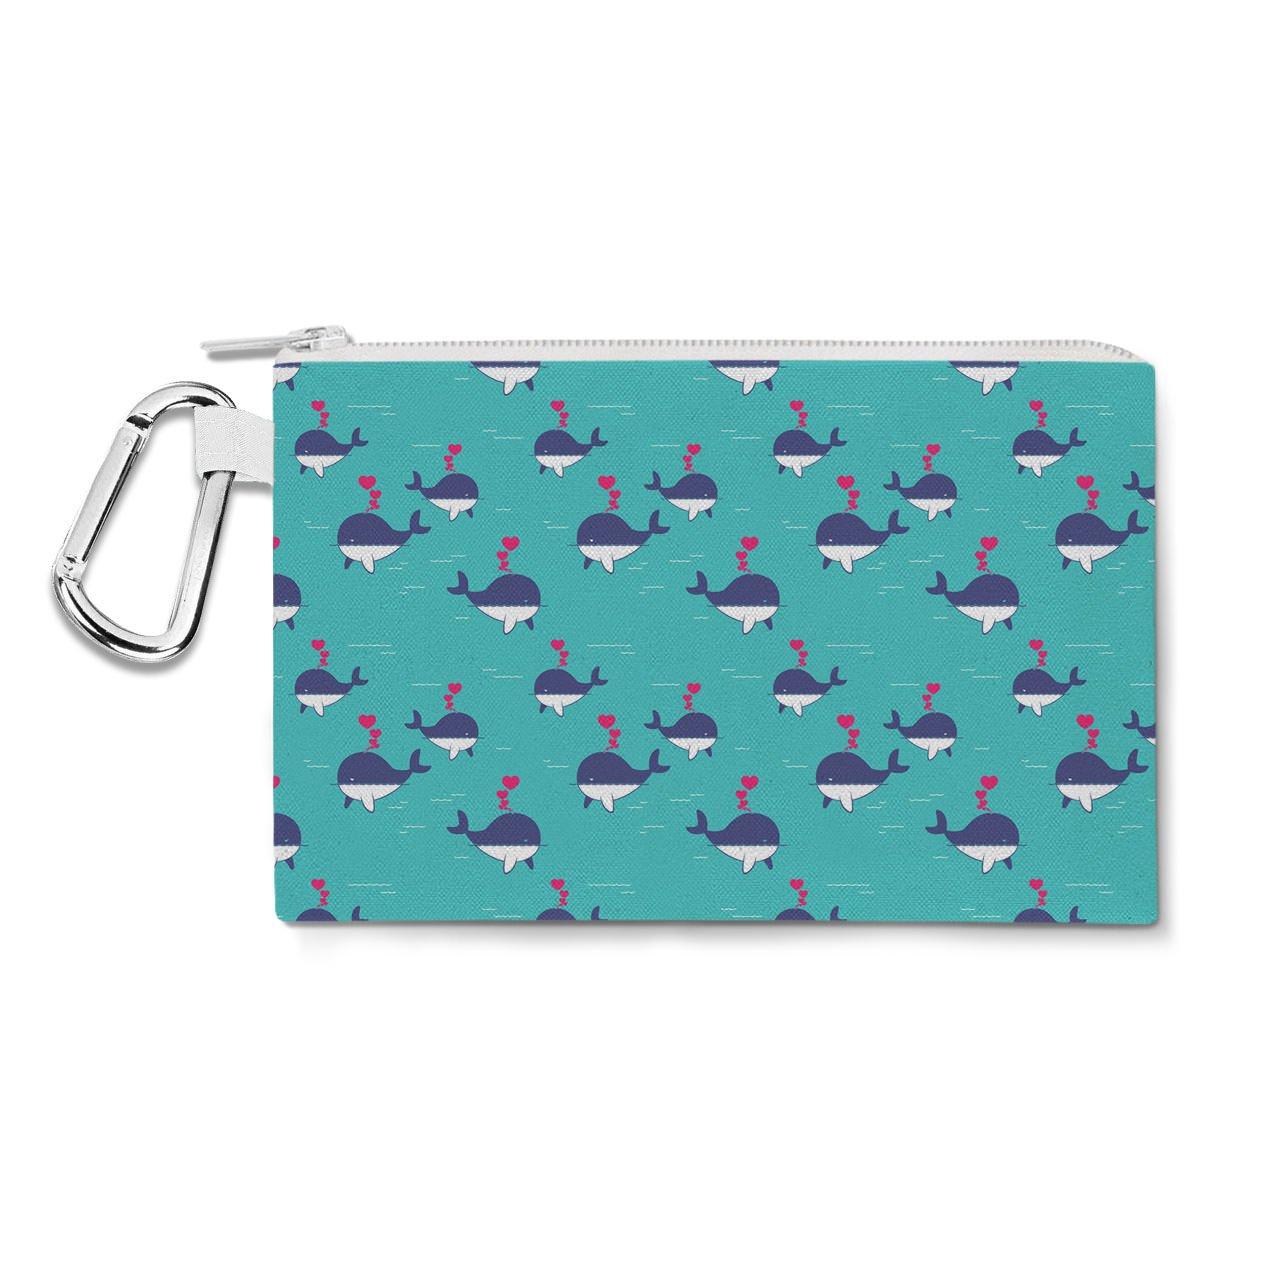 大特価!! I 10x7 Whale Always Canvas Love ブルー YouキャンバスZipポーチ – マルチ目的鉛筆ケースバッグin 6サイズ Large Canvas Pouch 10x7 inch ブルー B011REJRPQ Large Canvas Pouch 10x7 inch, WEB通販【村田時計店】:4c0e9931 --- arianechie.dominiotemporario.com